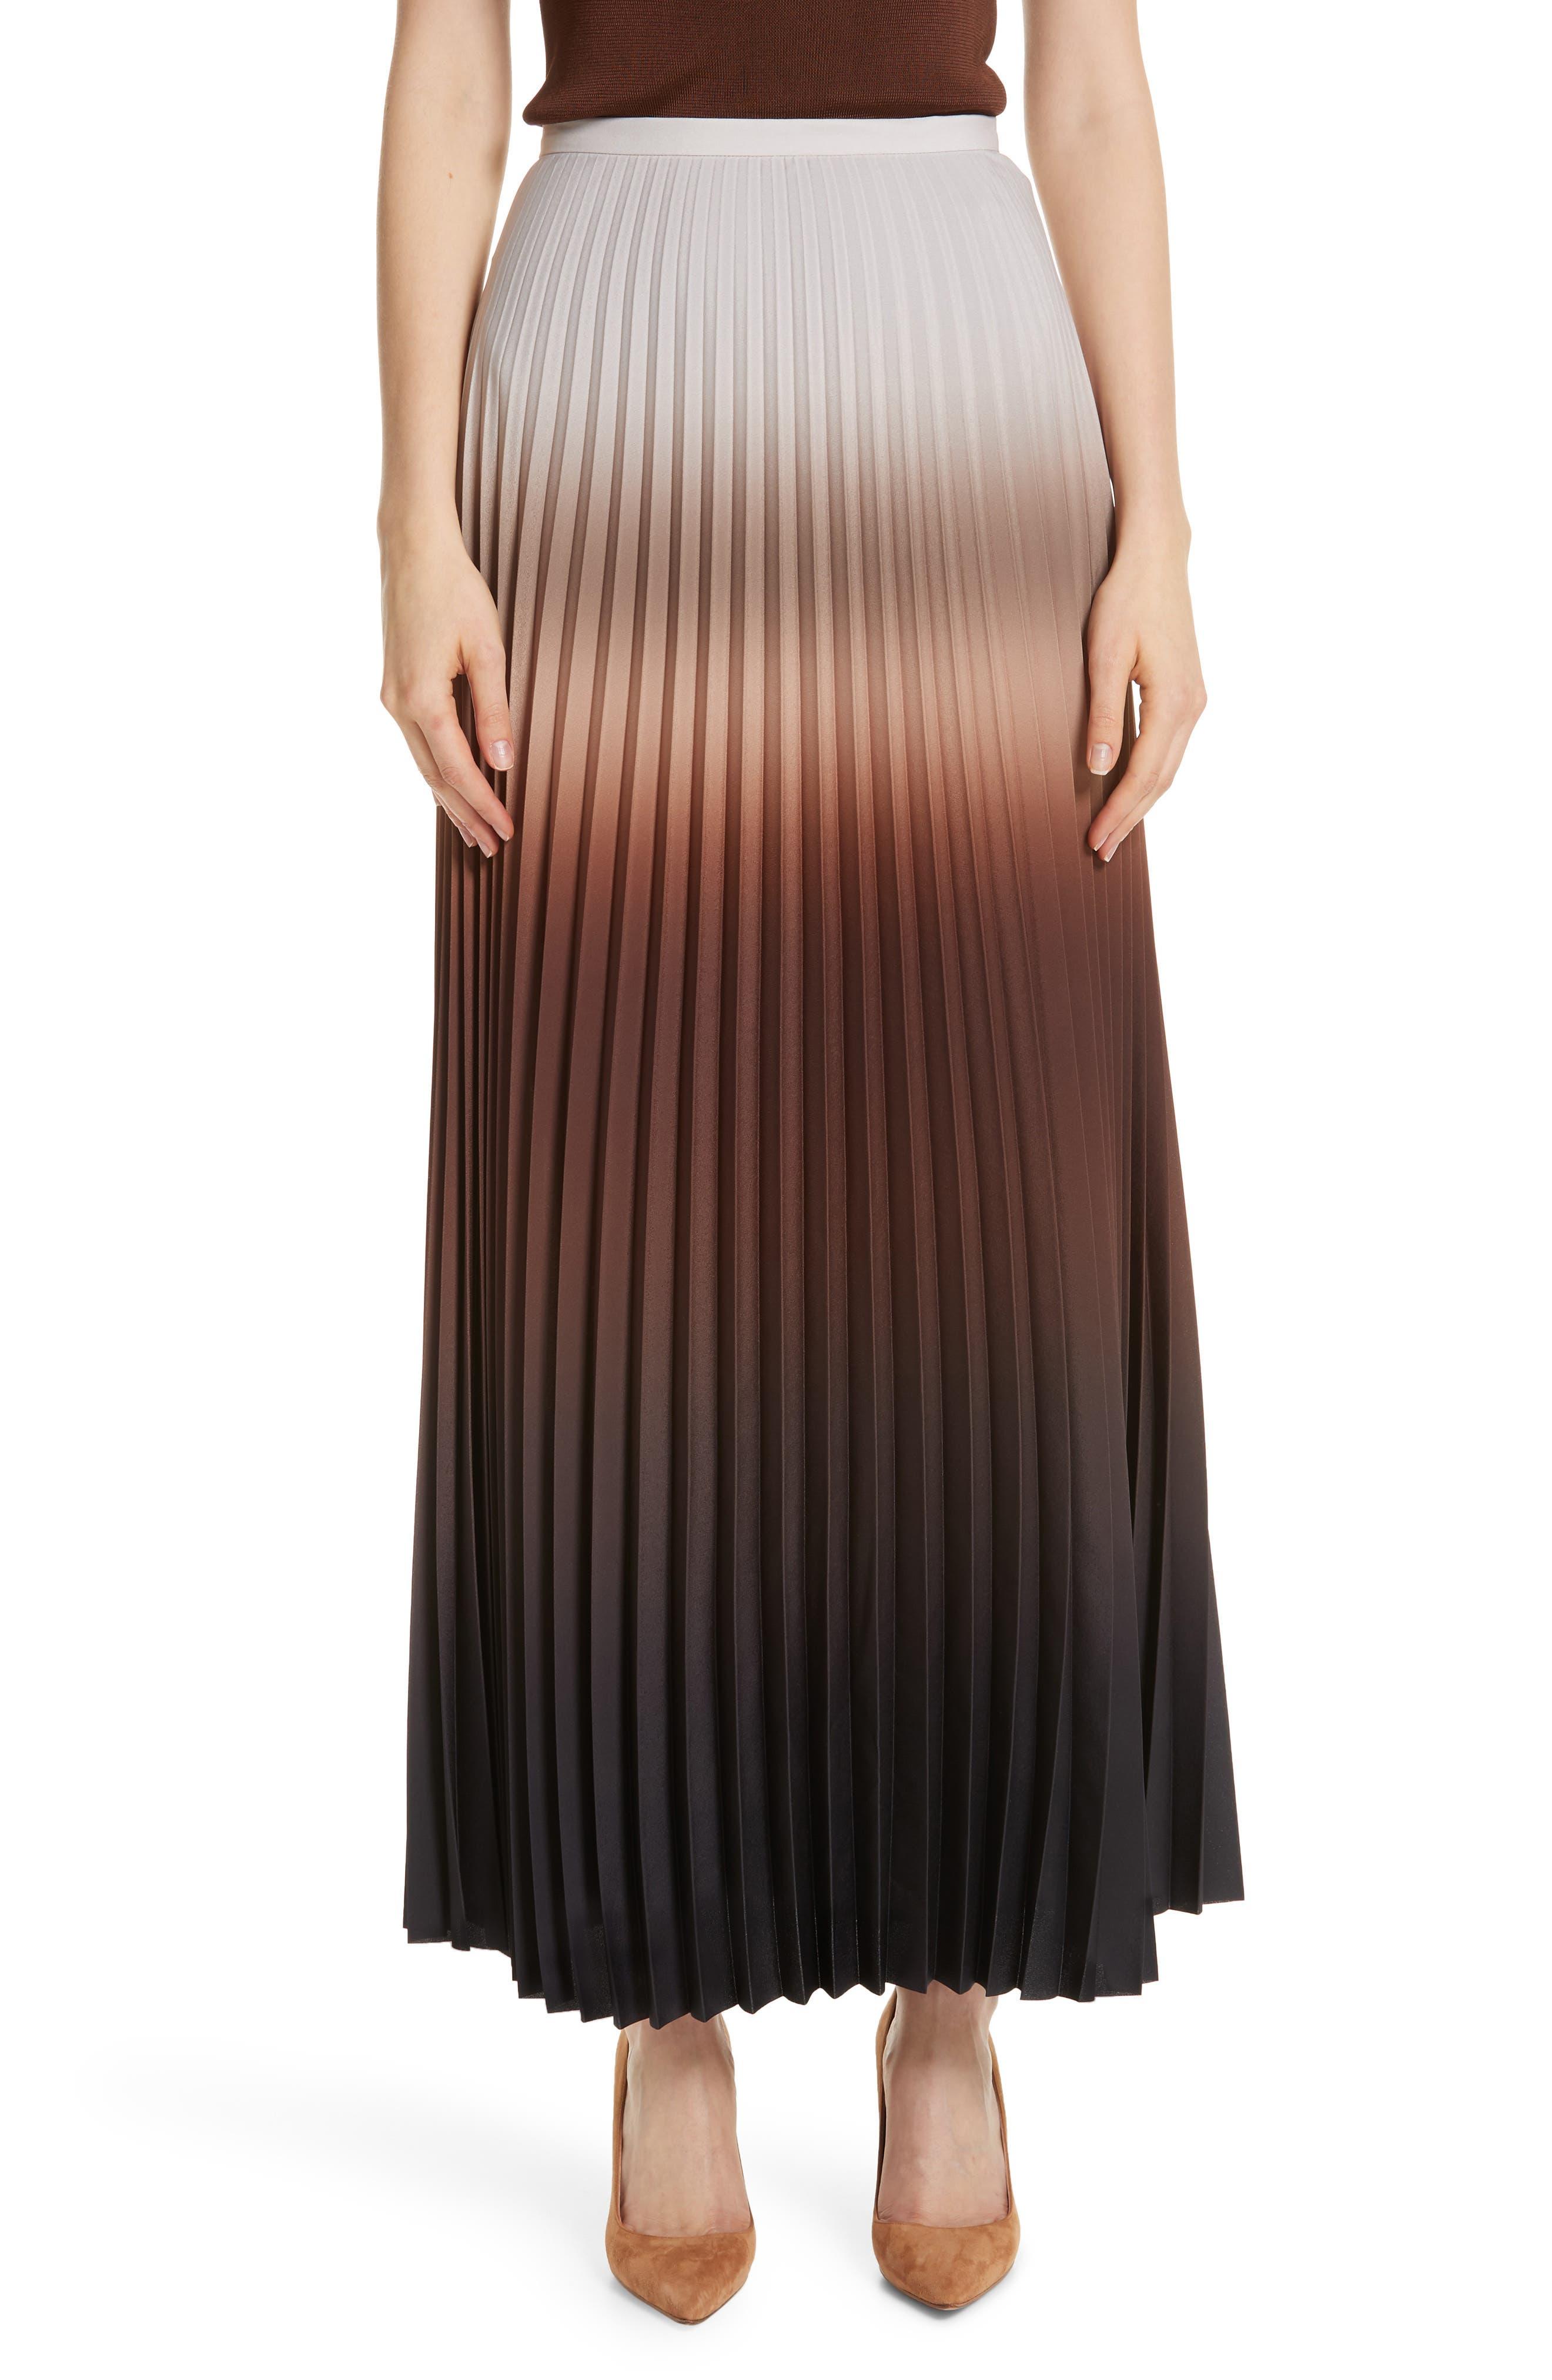 MAX MARA Abatina Maxi Skirt, Main, color, TOBACCO